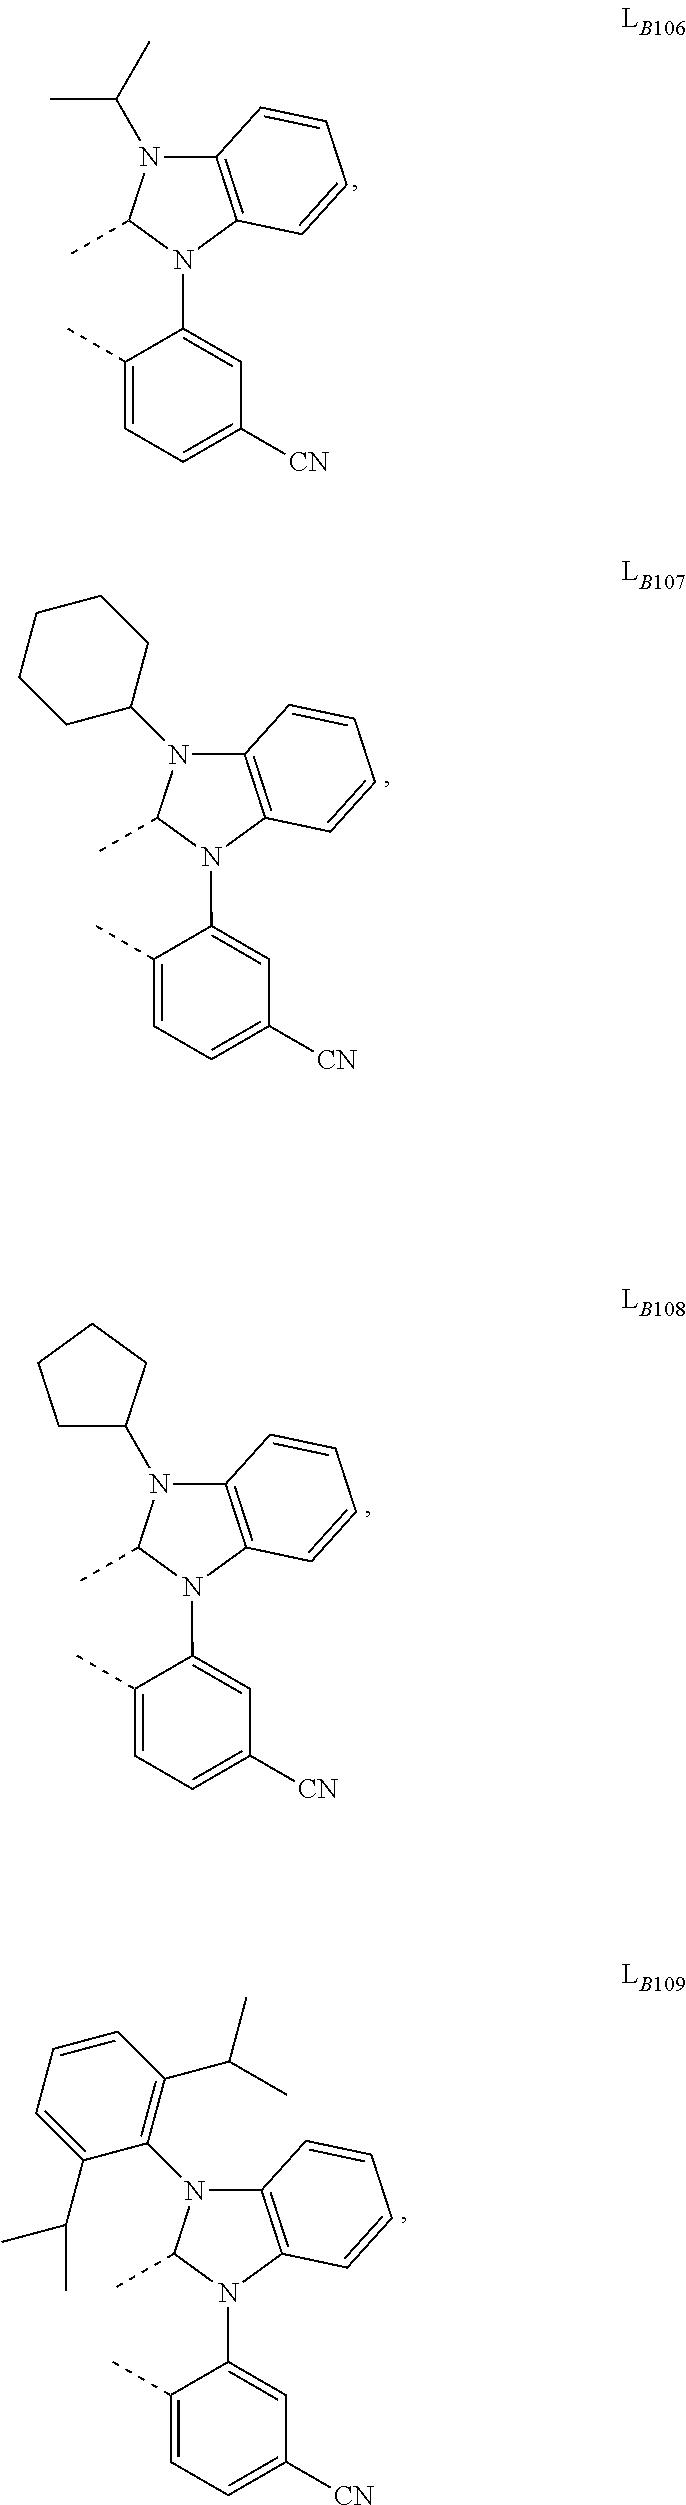 Figure US09905785-20180227-C00127